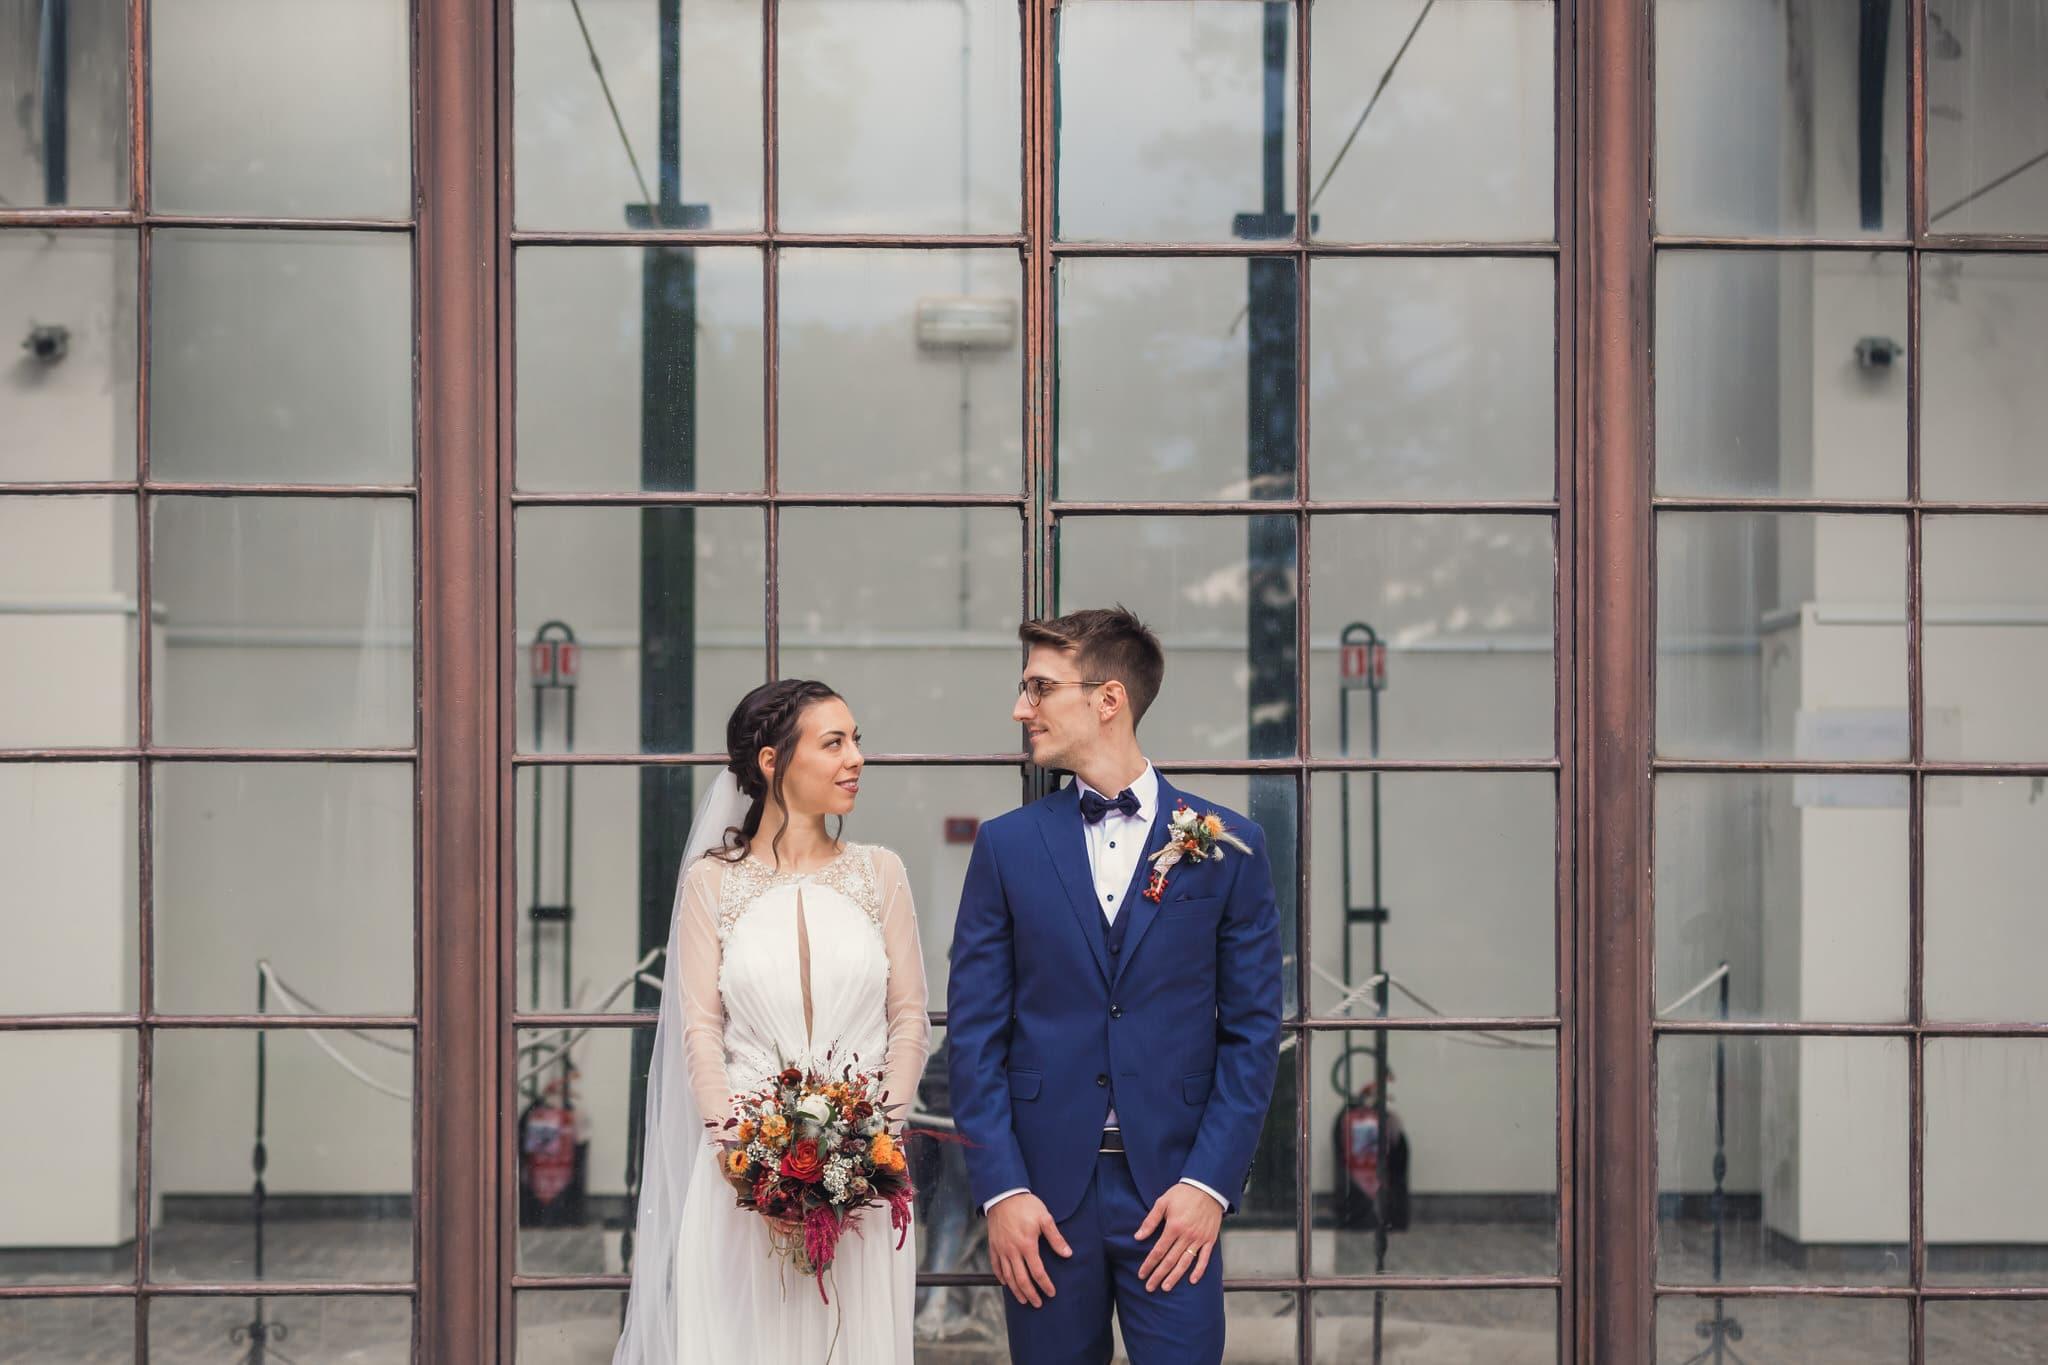 Fotografo Matrimonio Trieste San Giusto Ristorante Hostaria ai Pini Prosecco